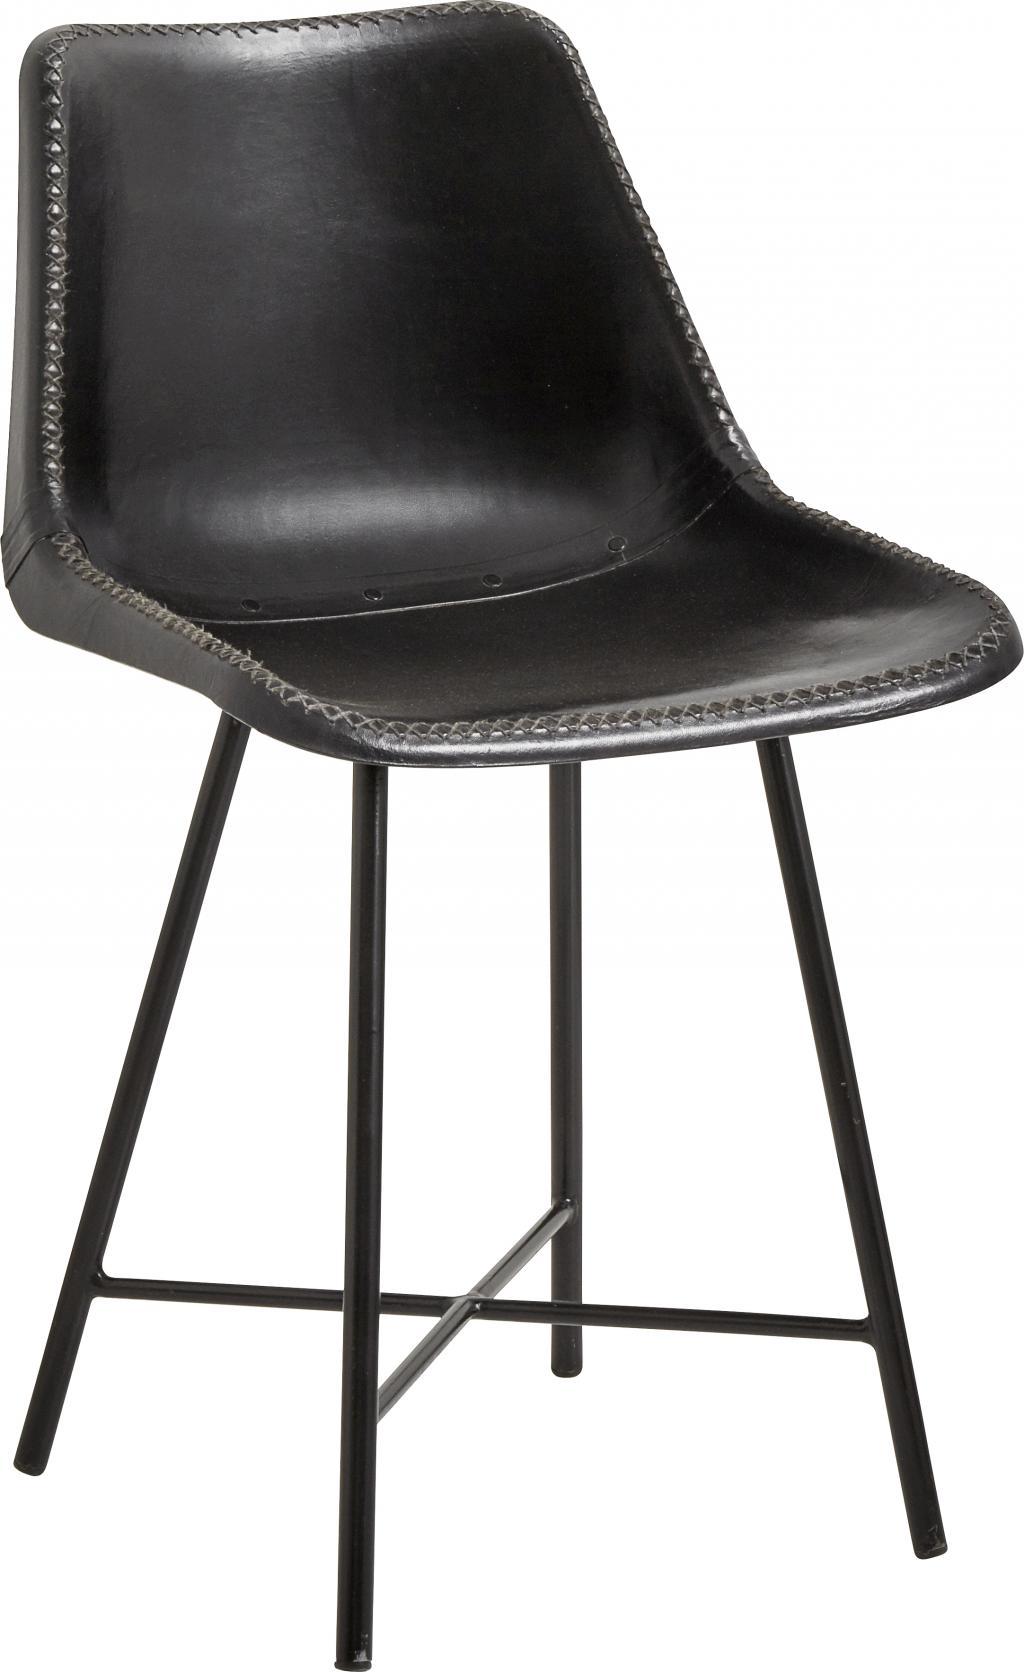 nordal stuhl leder schwarz 79x50 cm. Black Bedroom Furniture Sets. Home Design Ideas